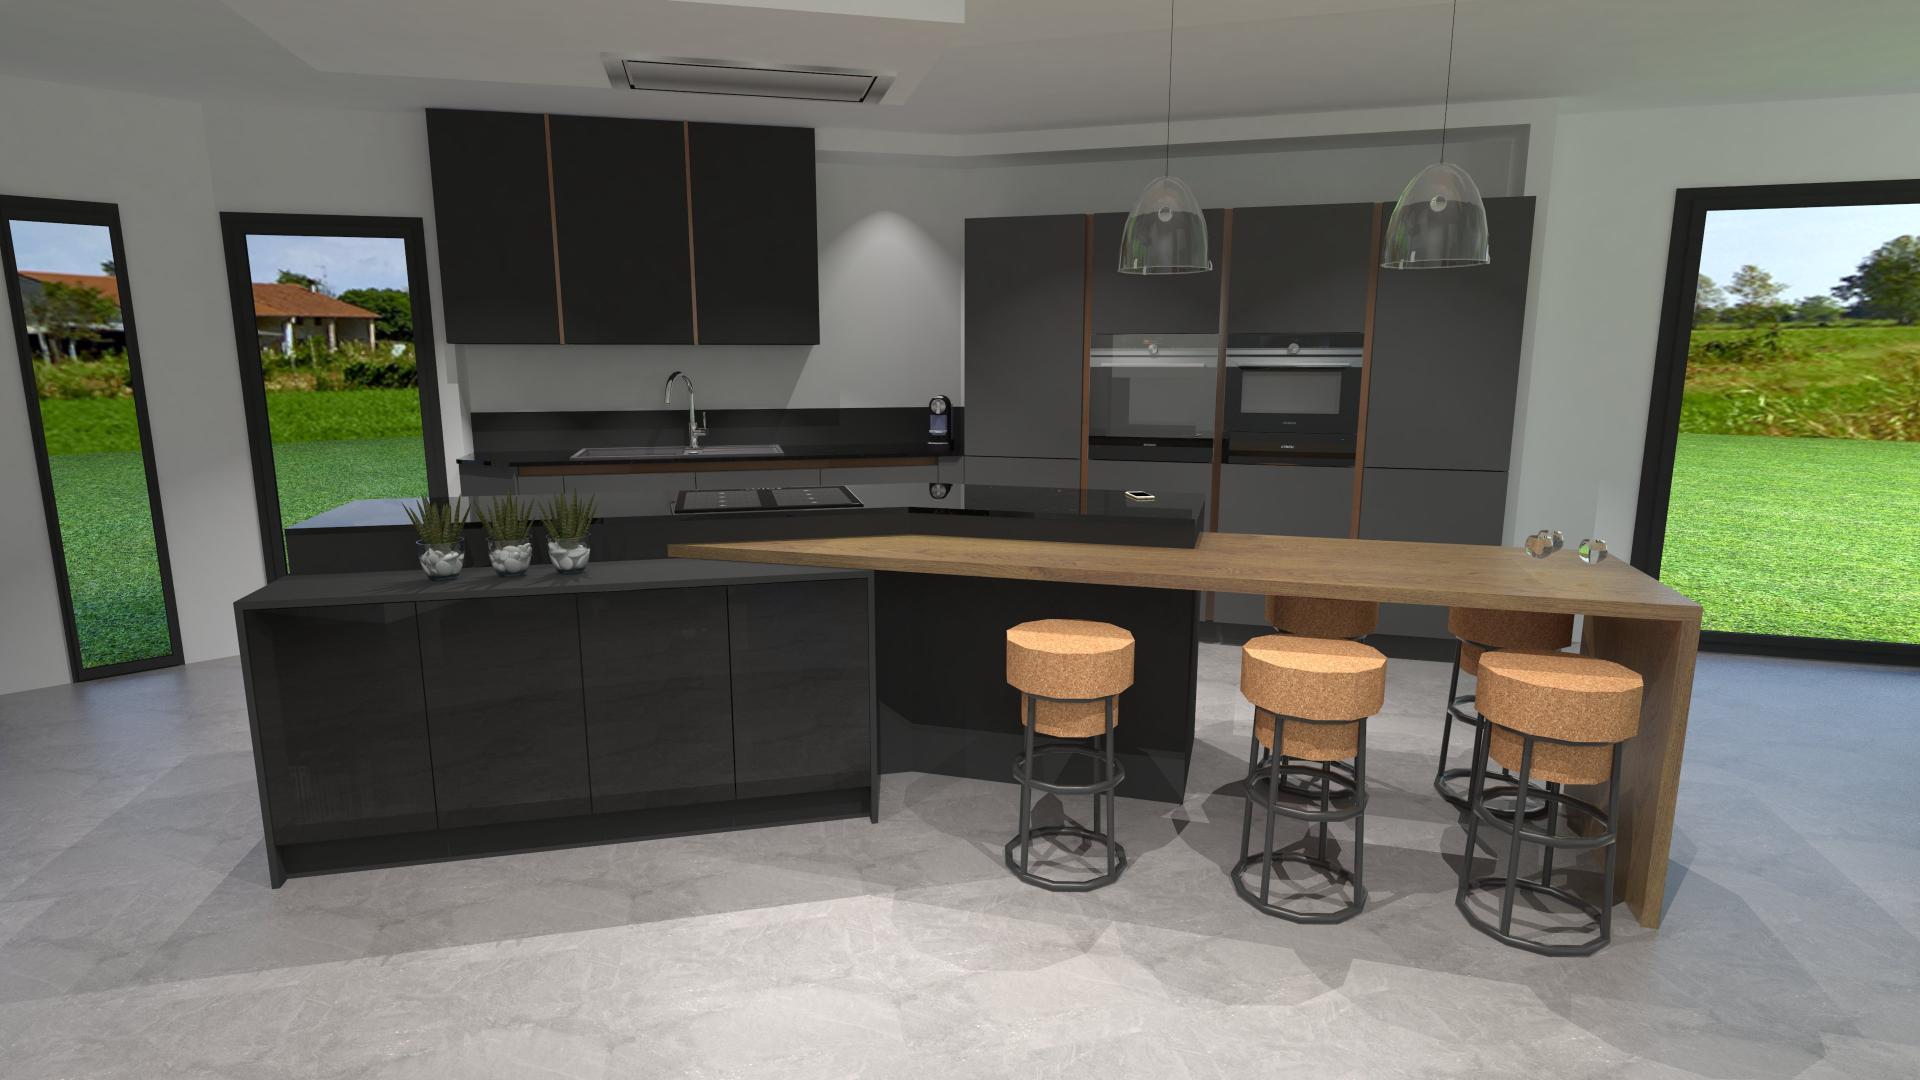 Meuble haut de cuisine gris anthracite - Atwebster.fr - Maison et ...